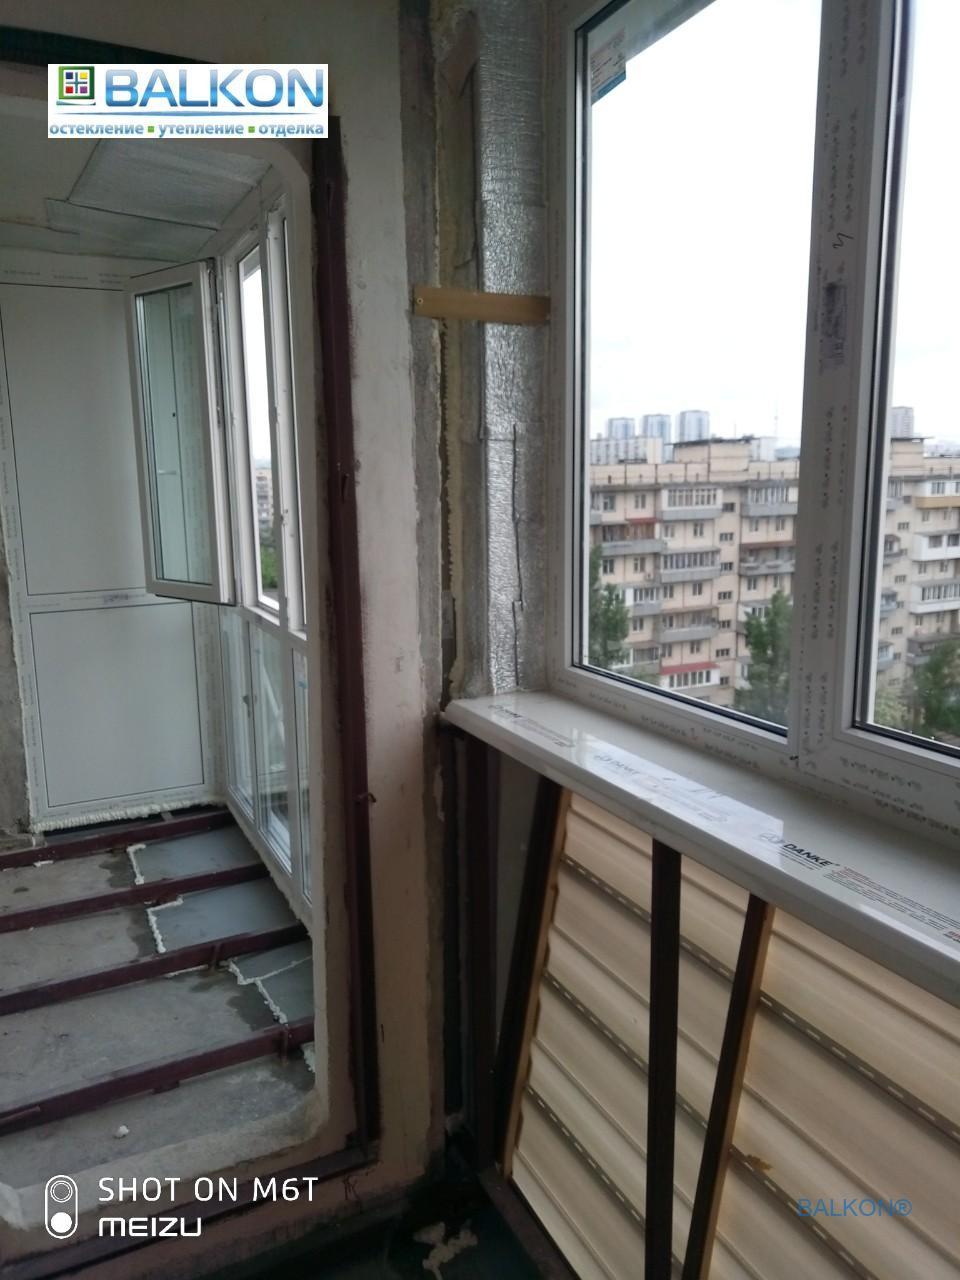 Балконы с выносом по полу Киев ул. Героев Сталинграда 25